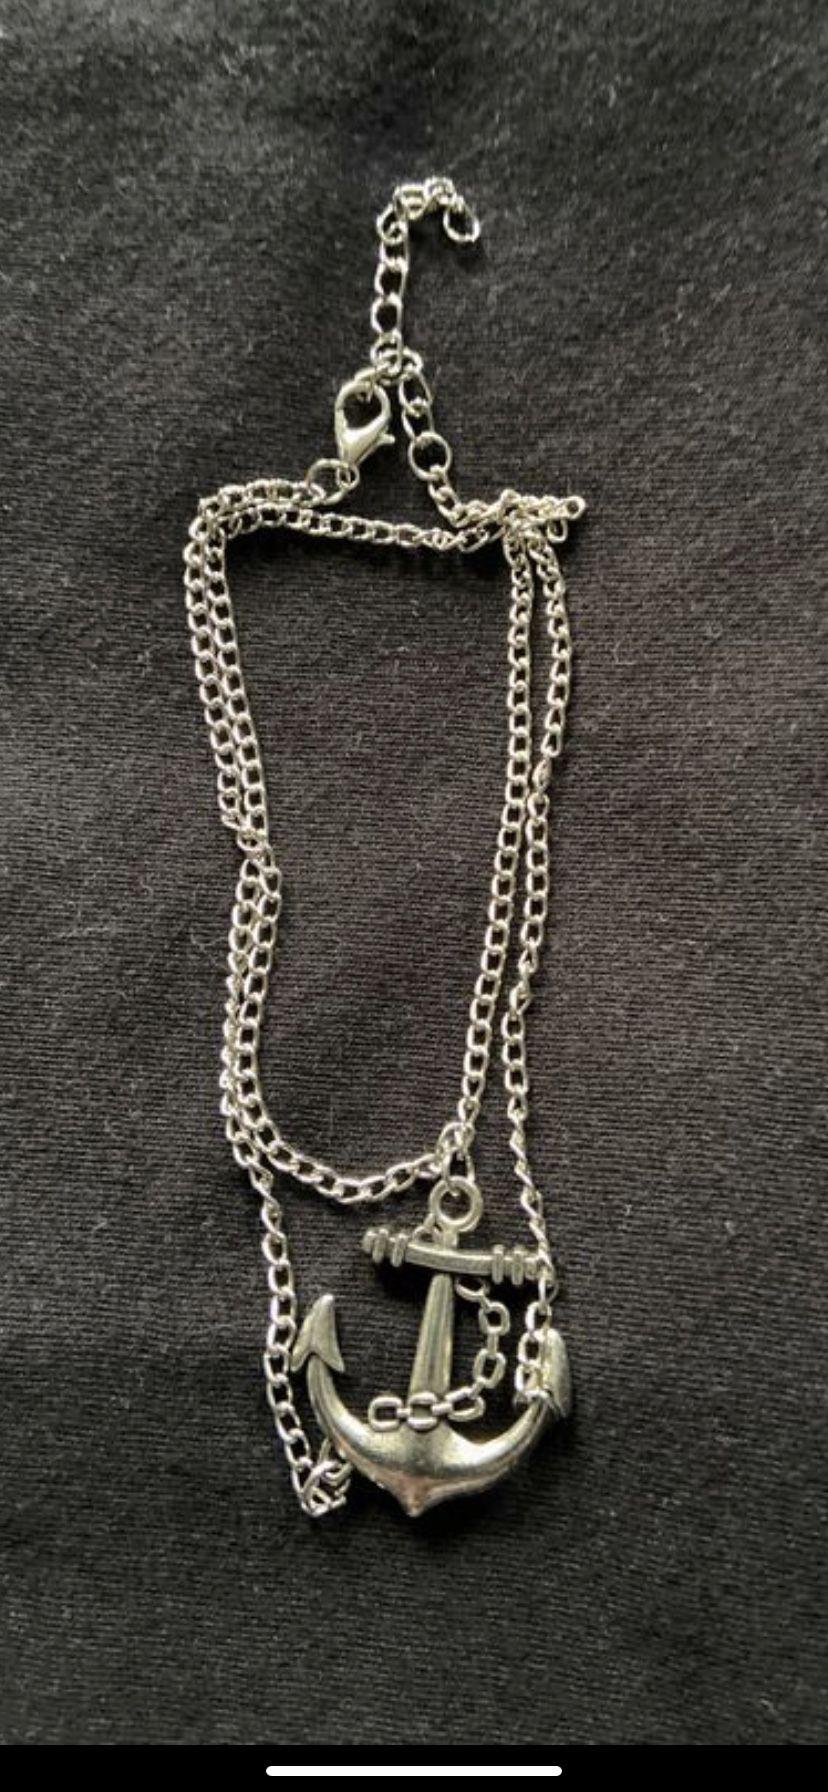 Sterling silver 925 anchor bracelet or anklet.